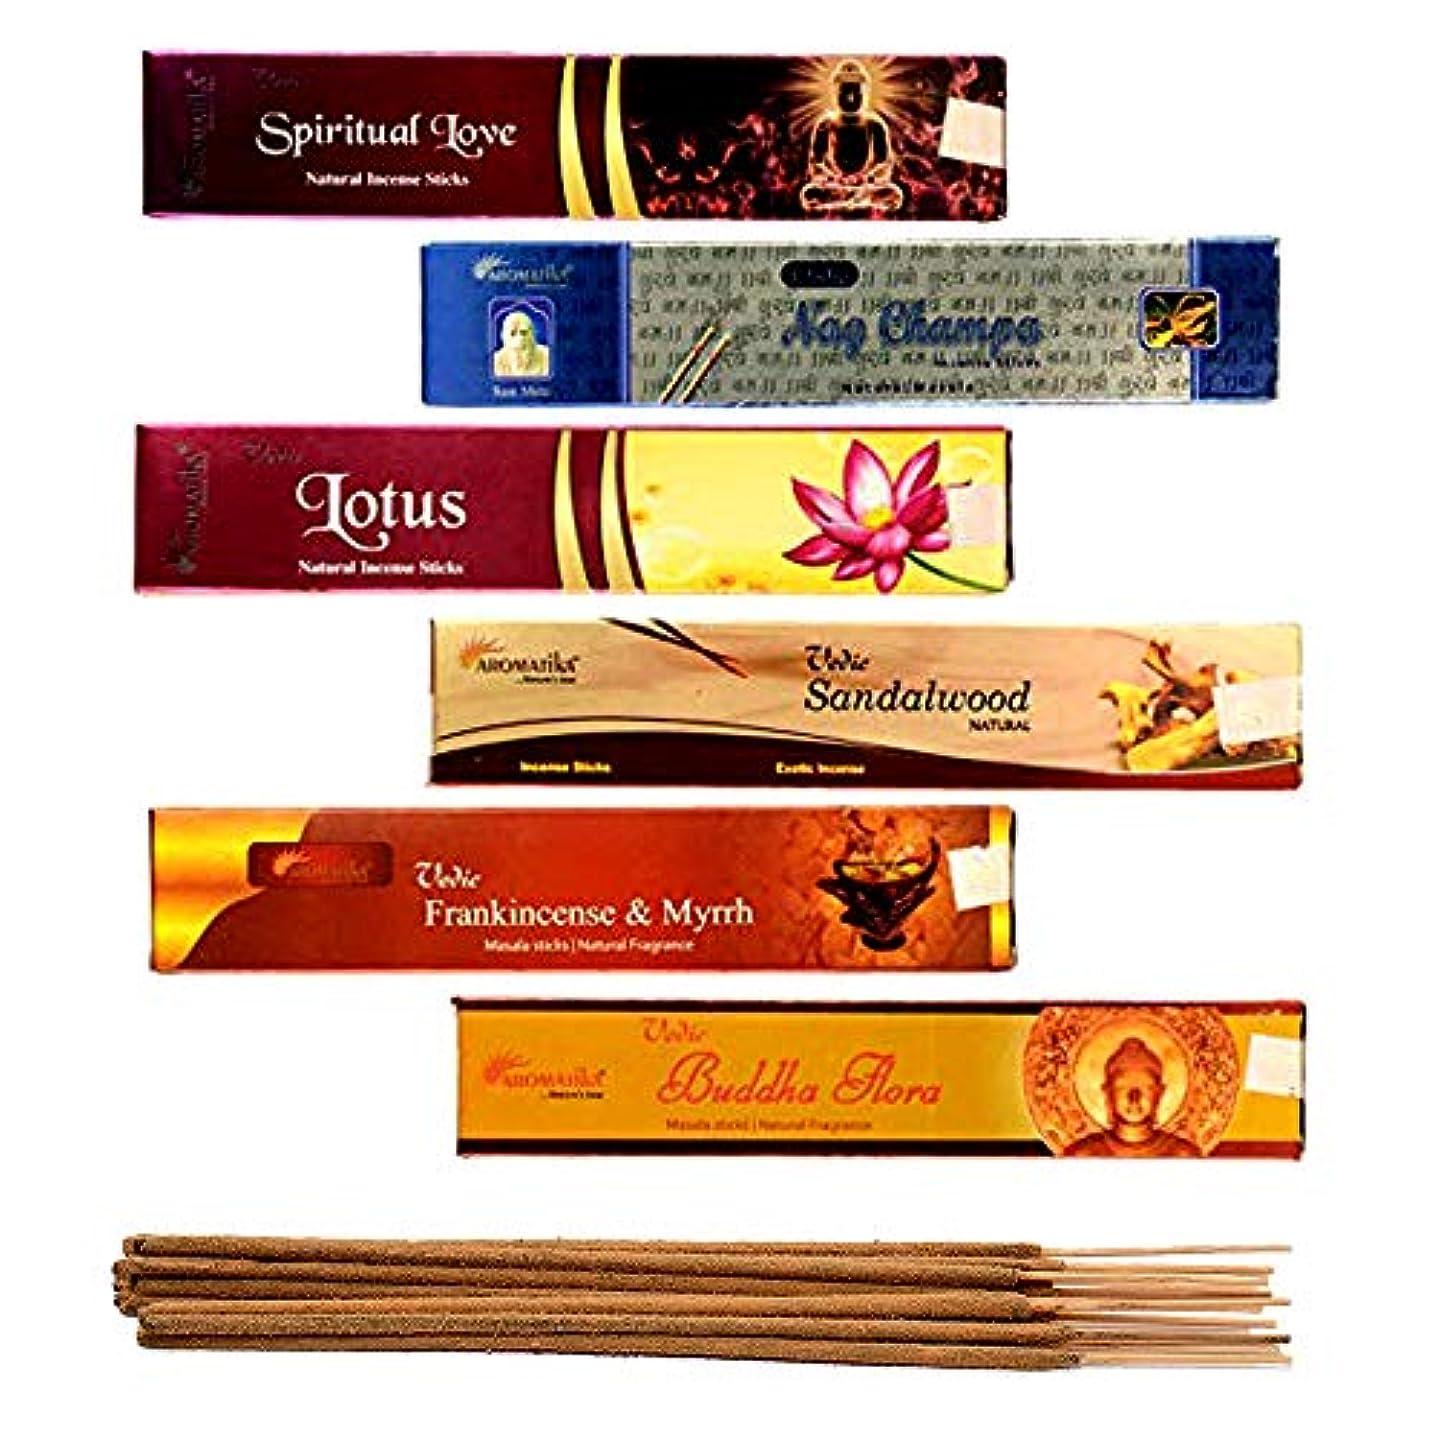 パキスタンローマ人指定aromatika 6 Assorted Masala Incense Sticks Vedic Nag Champa、サンダルウッド、ブッダFlora、ロータス、Frankincense & Myrrh、Spiritual...